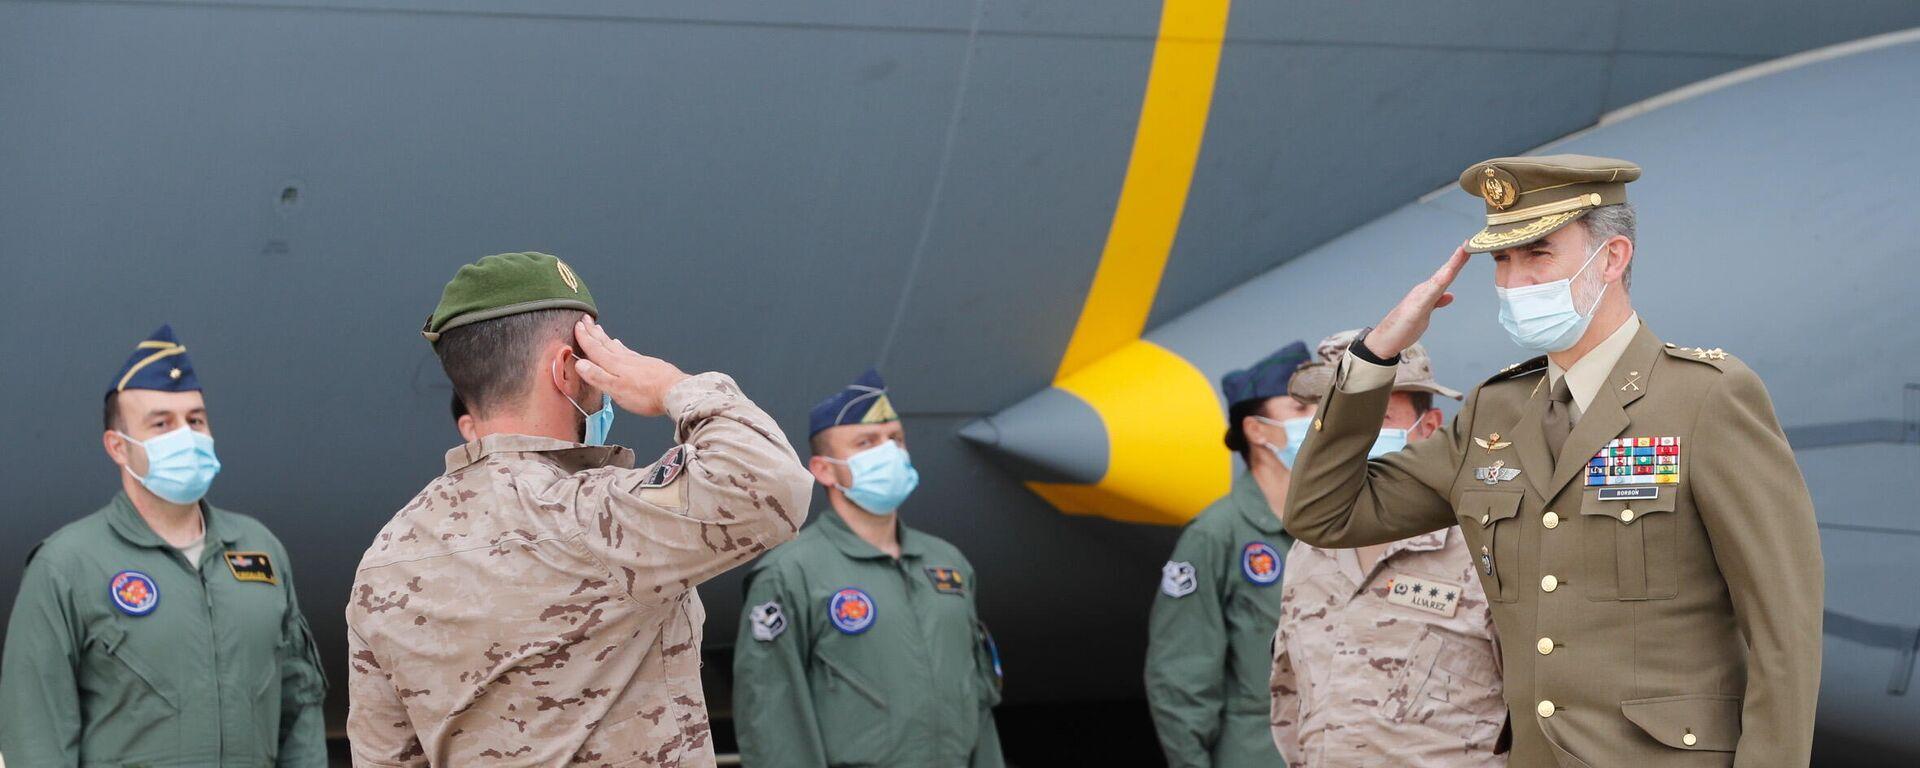 El rey Felipe VI en la Base Aérea de Torrejón (Madrid) para presidir el acto de reconocimiento al personal participante en misiones en Afganistán. - Sputnik Mundo, 1920, 13.05.2021